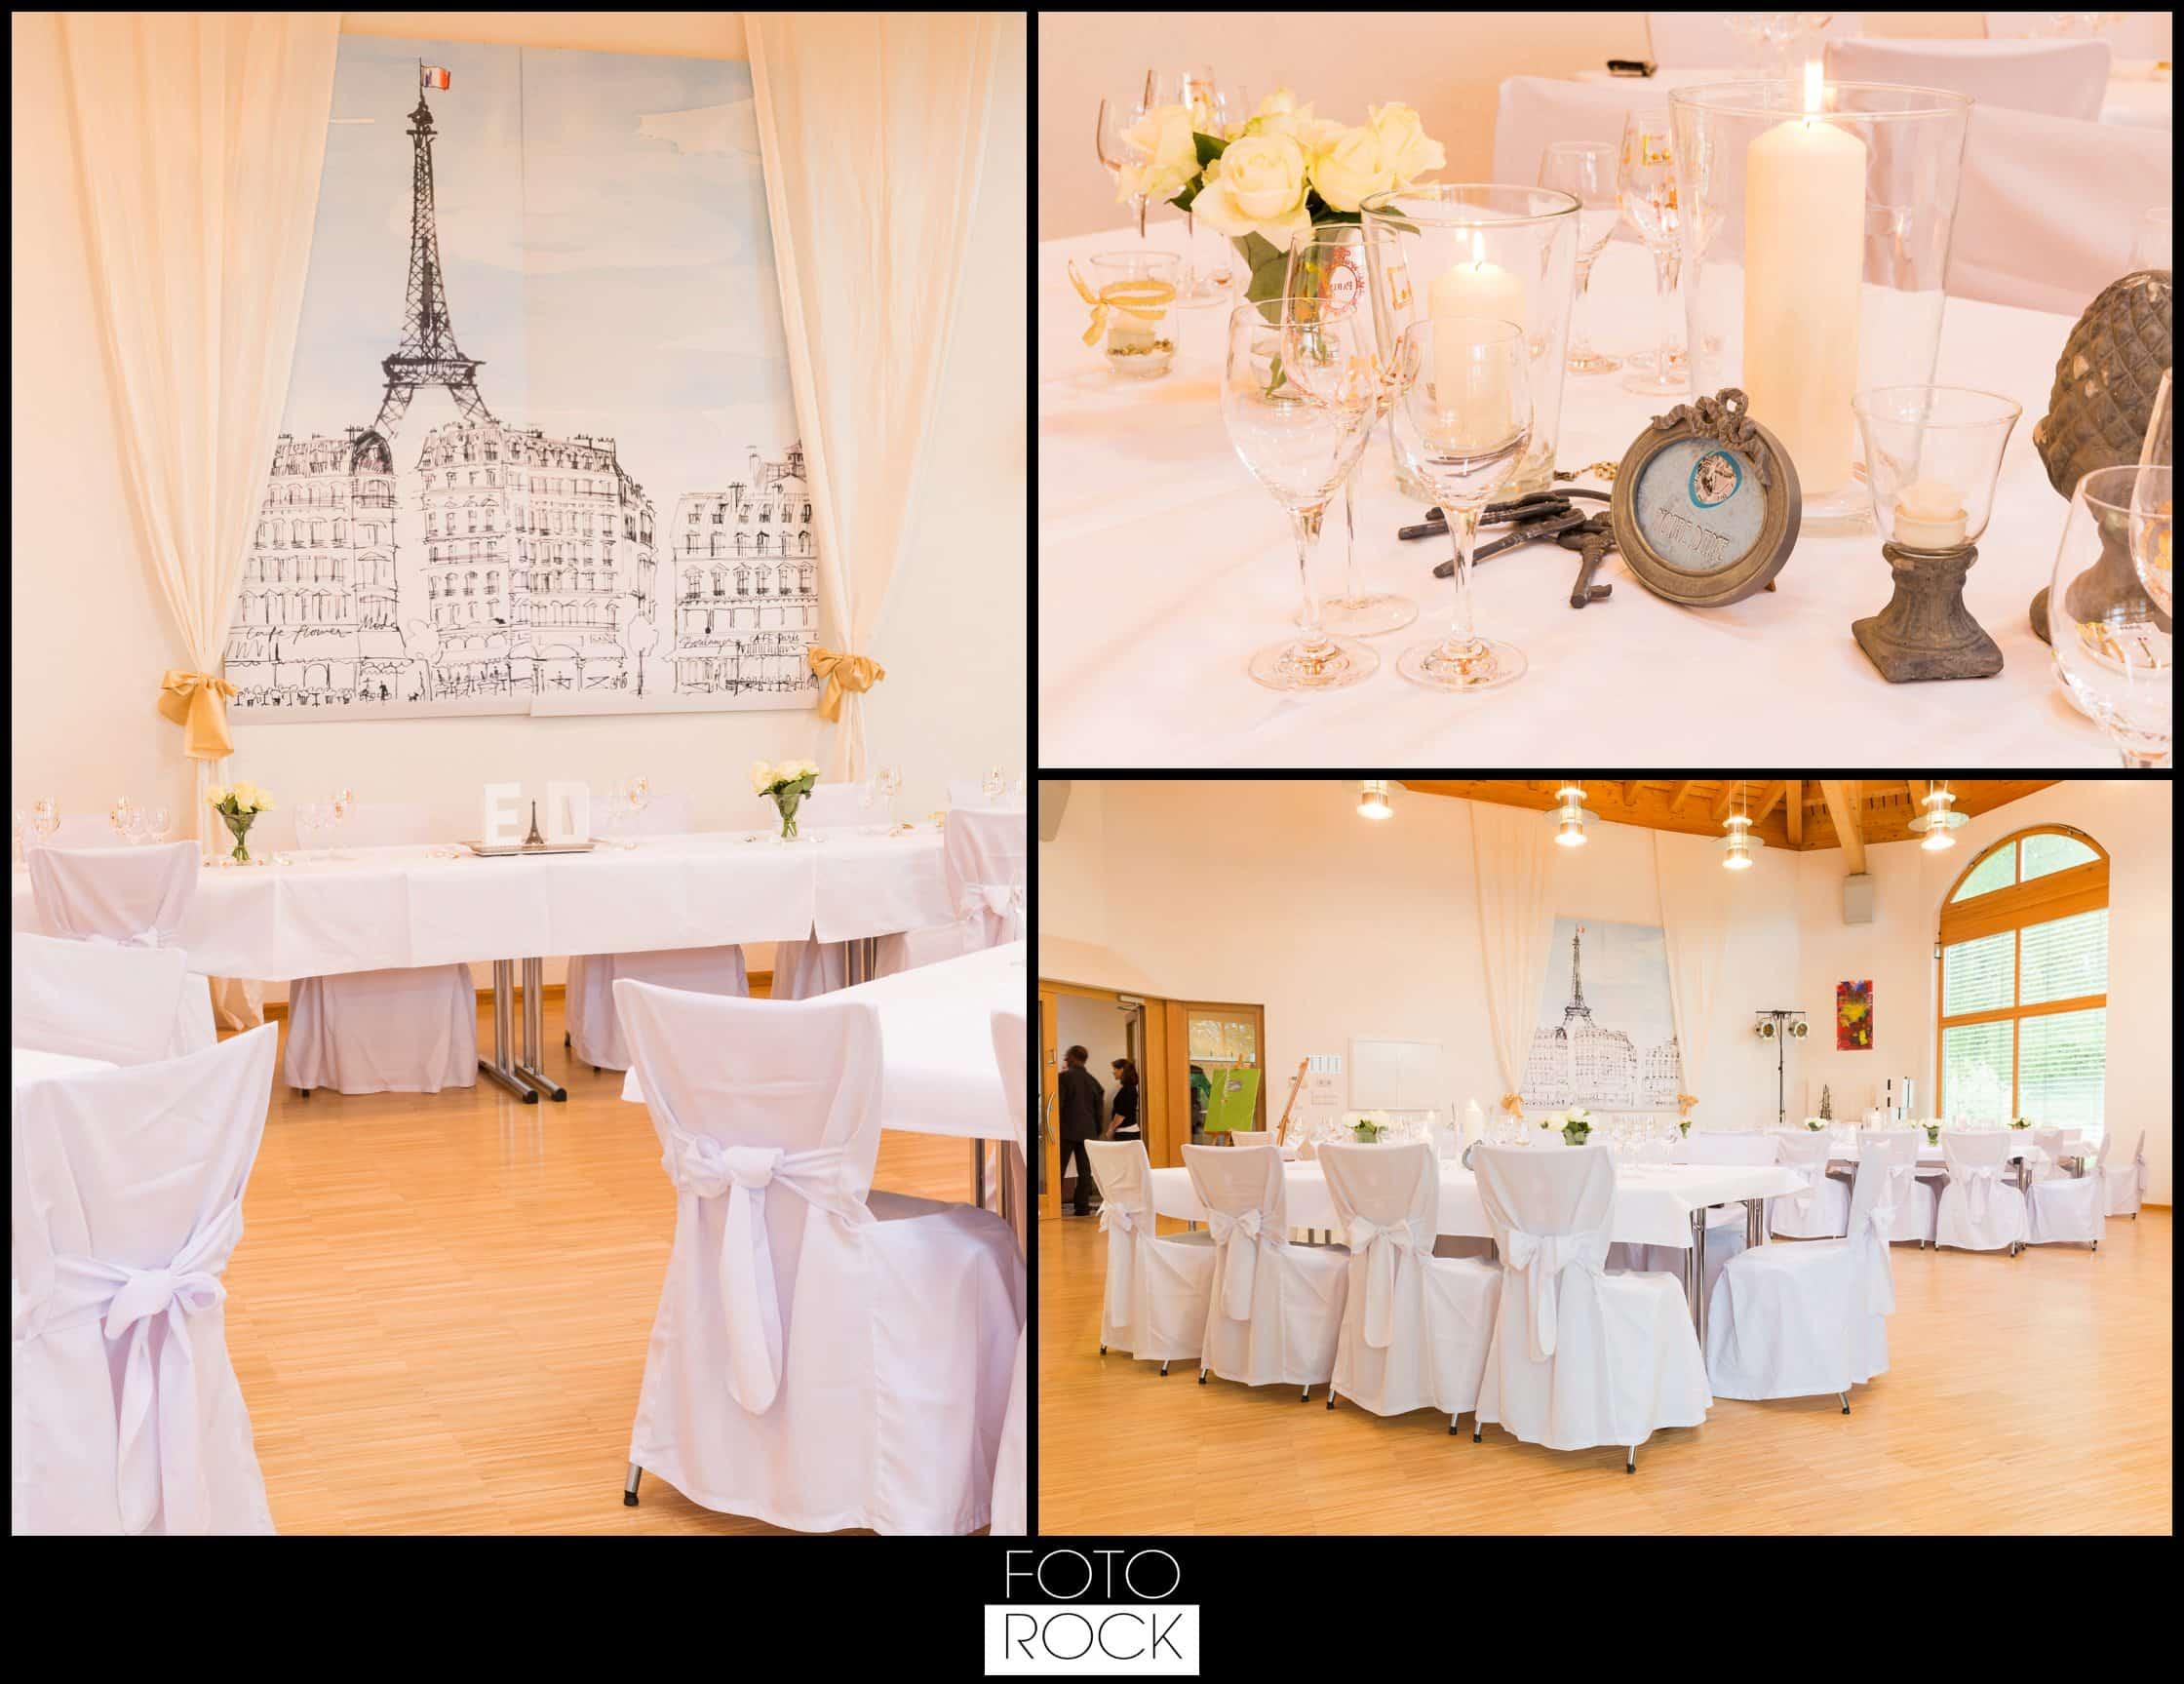 Hochzeit Vitra Design Museum Weil am Rhein Location Stühle Deko Dekoration Blumen Kerzen